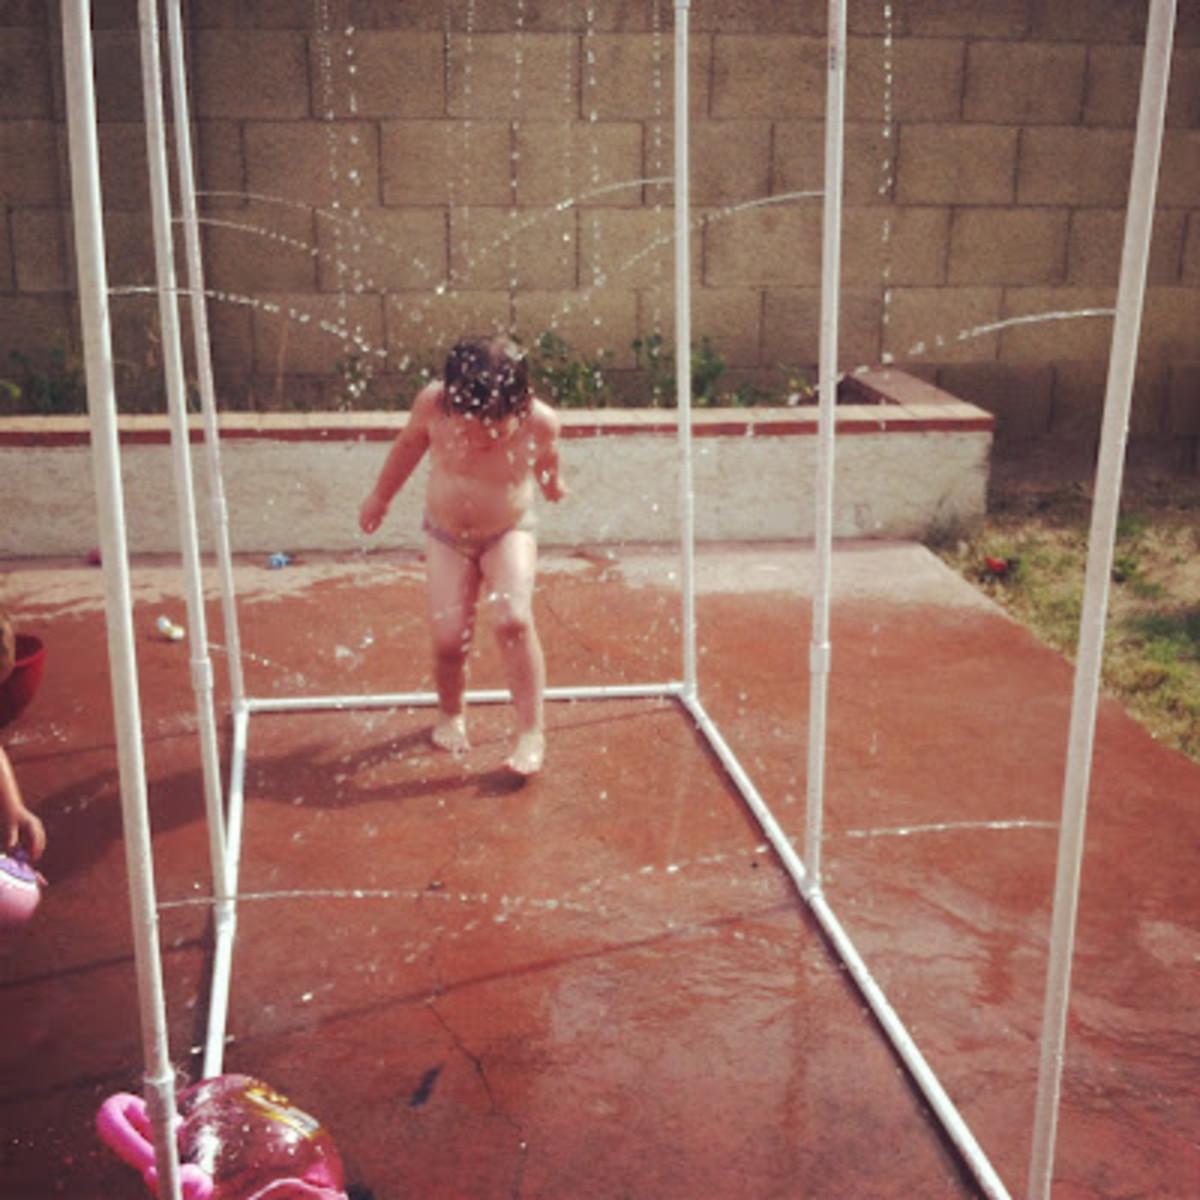 DIY-PVC-Water-Fun